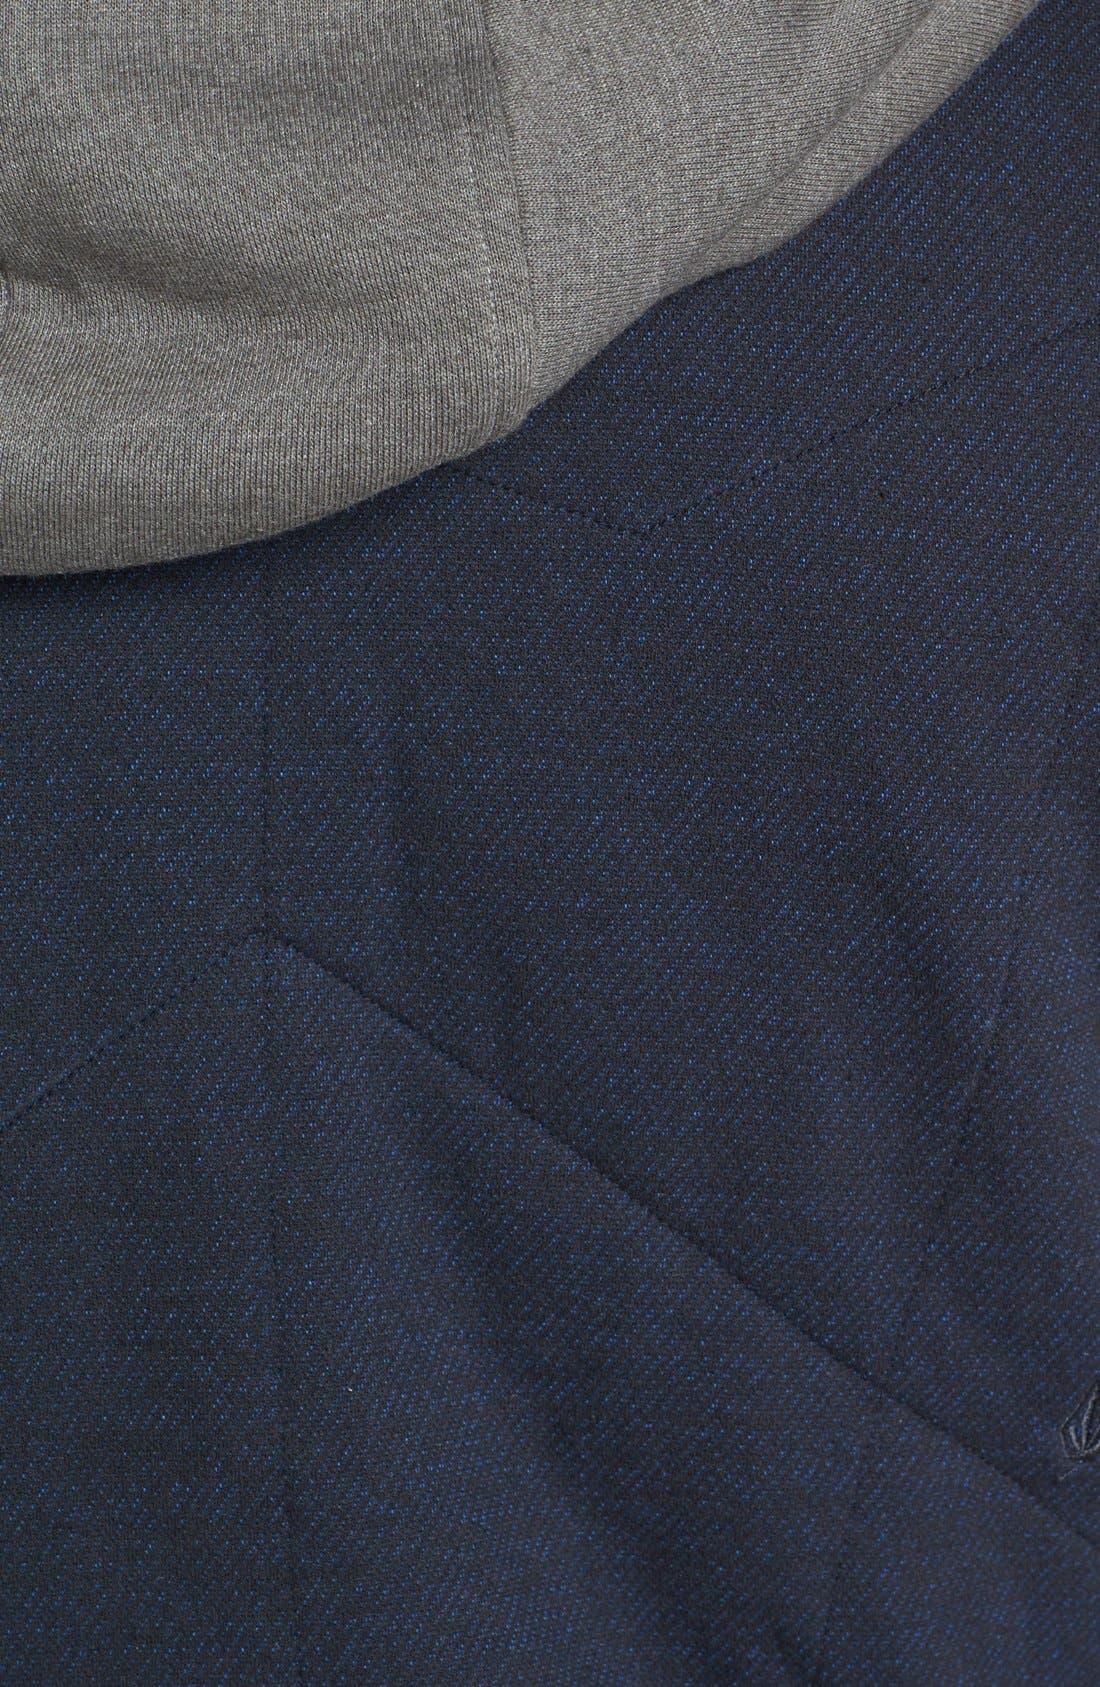 Alternate Image 3  - Volcom 'Barett' Quilted Jacket